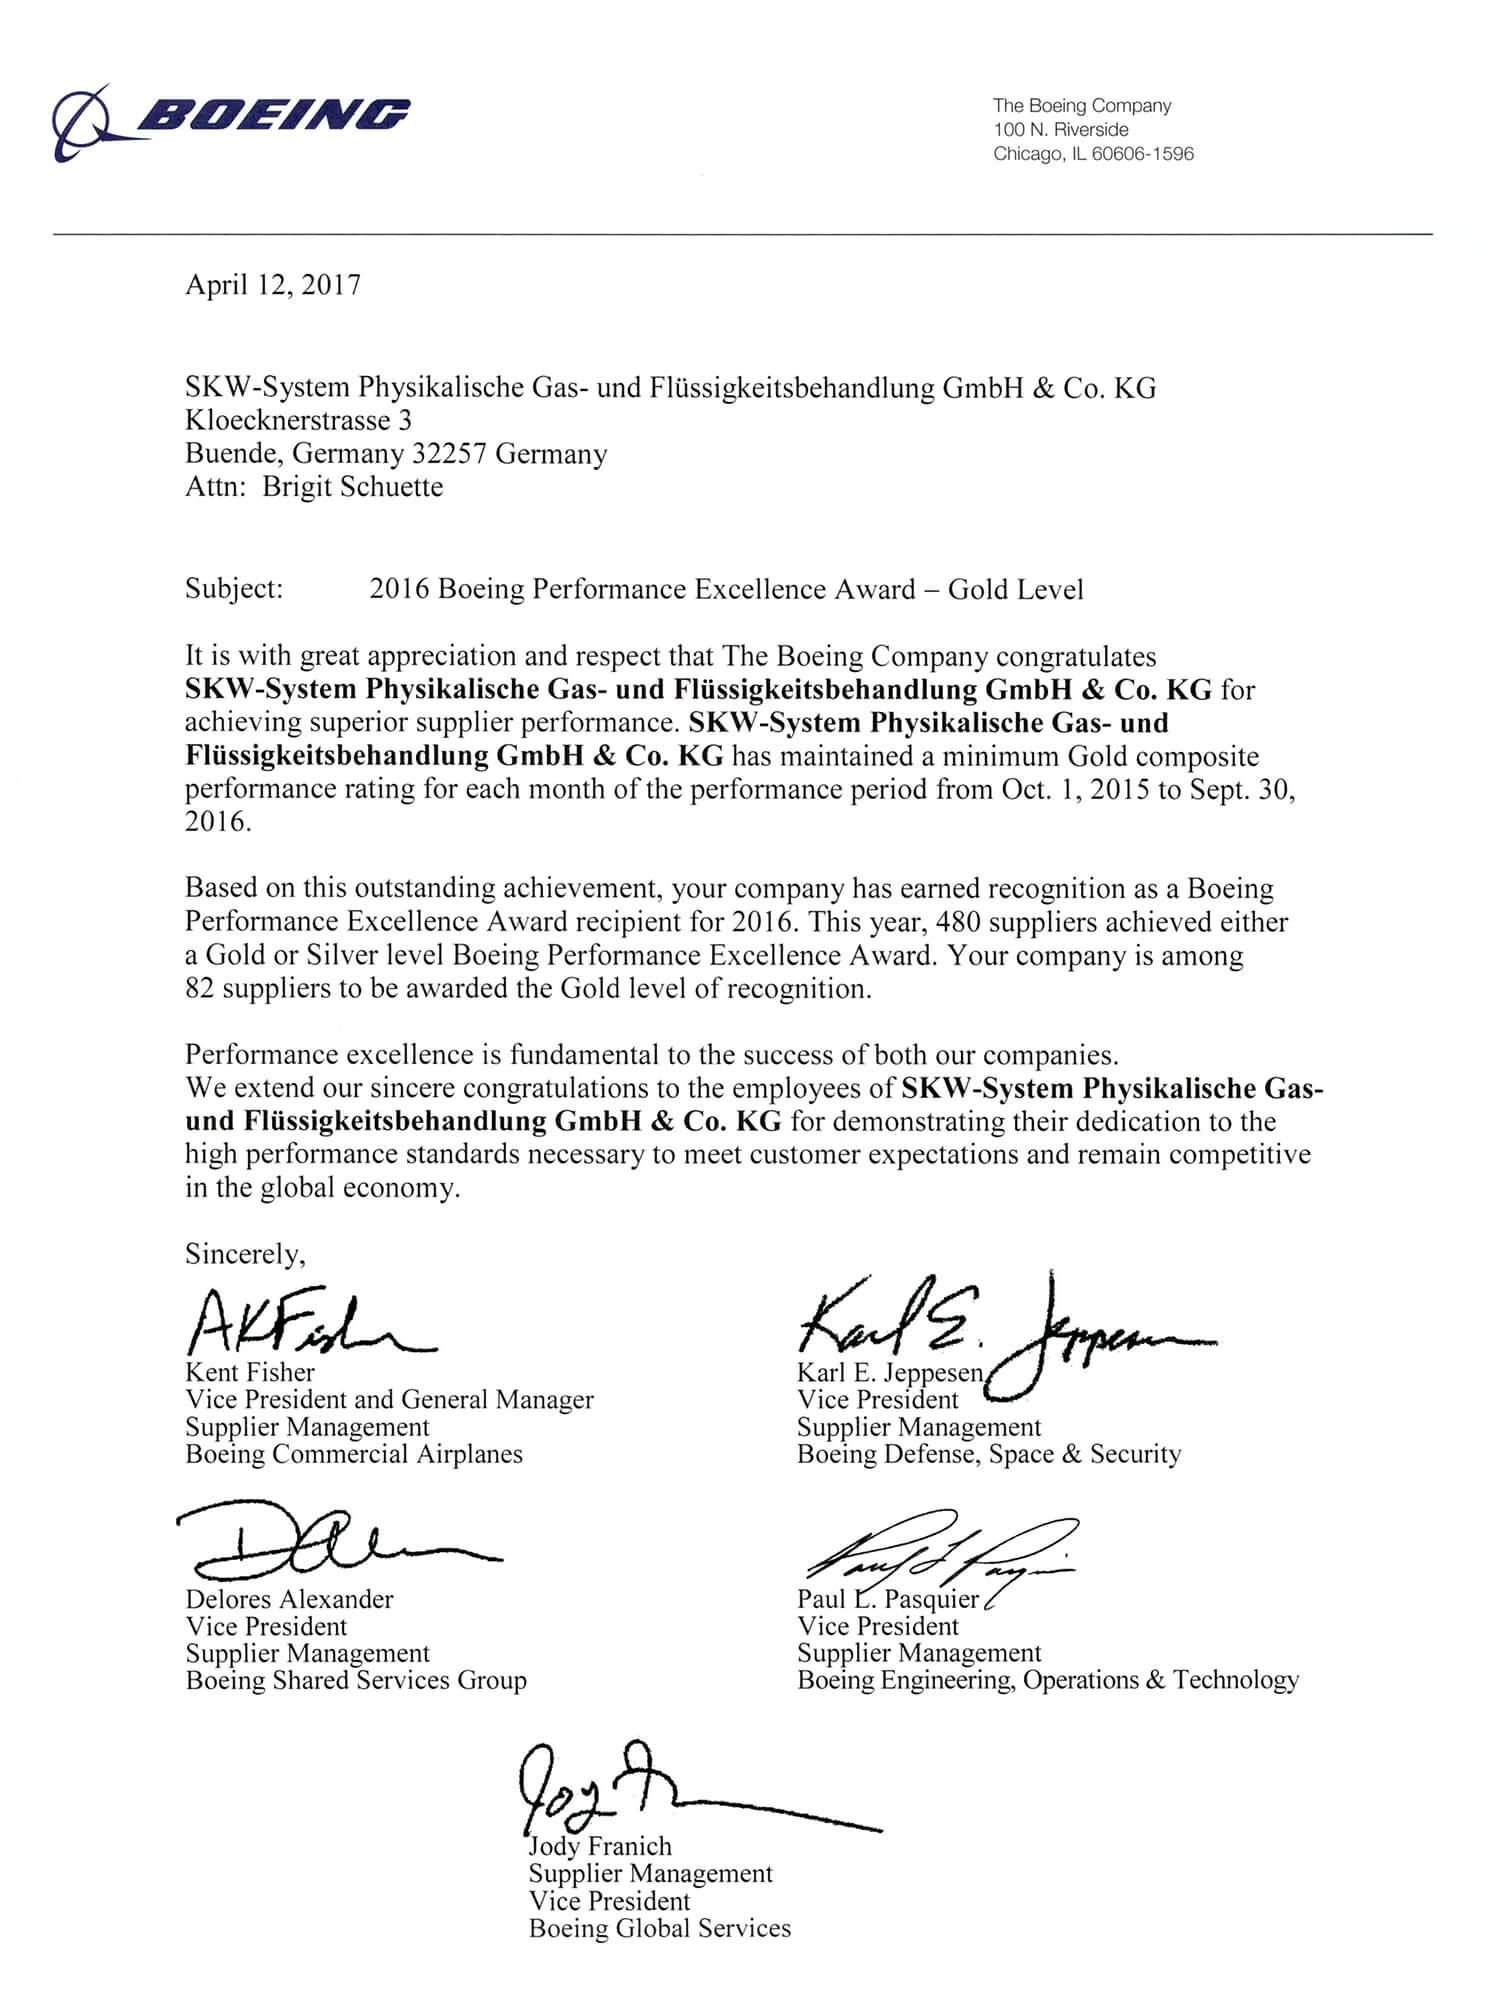 Erfreut Schreiben Für Boeing Fortsetzen Fotos - Entry Level Resume ...